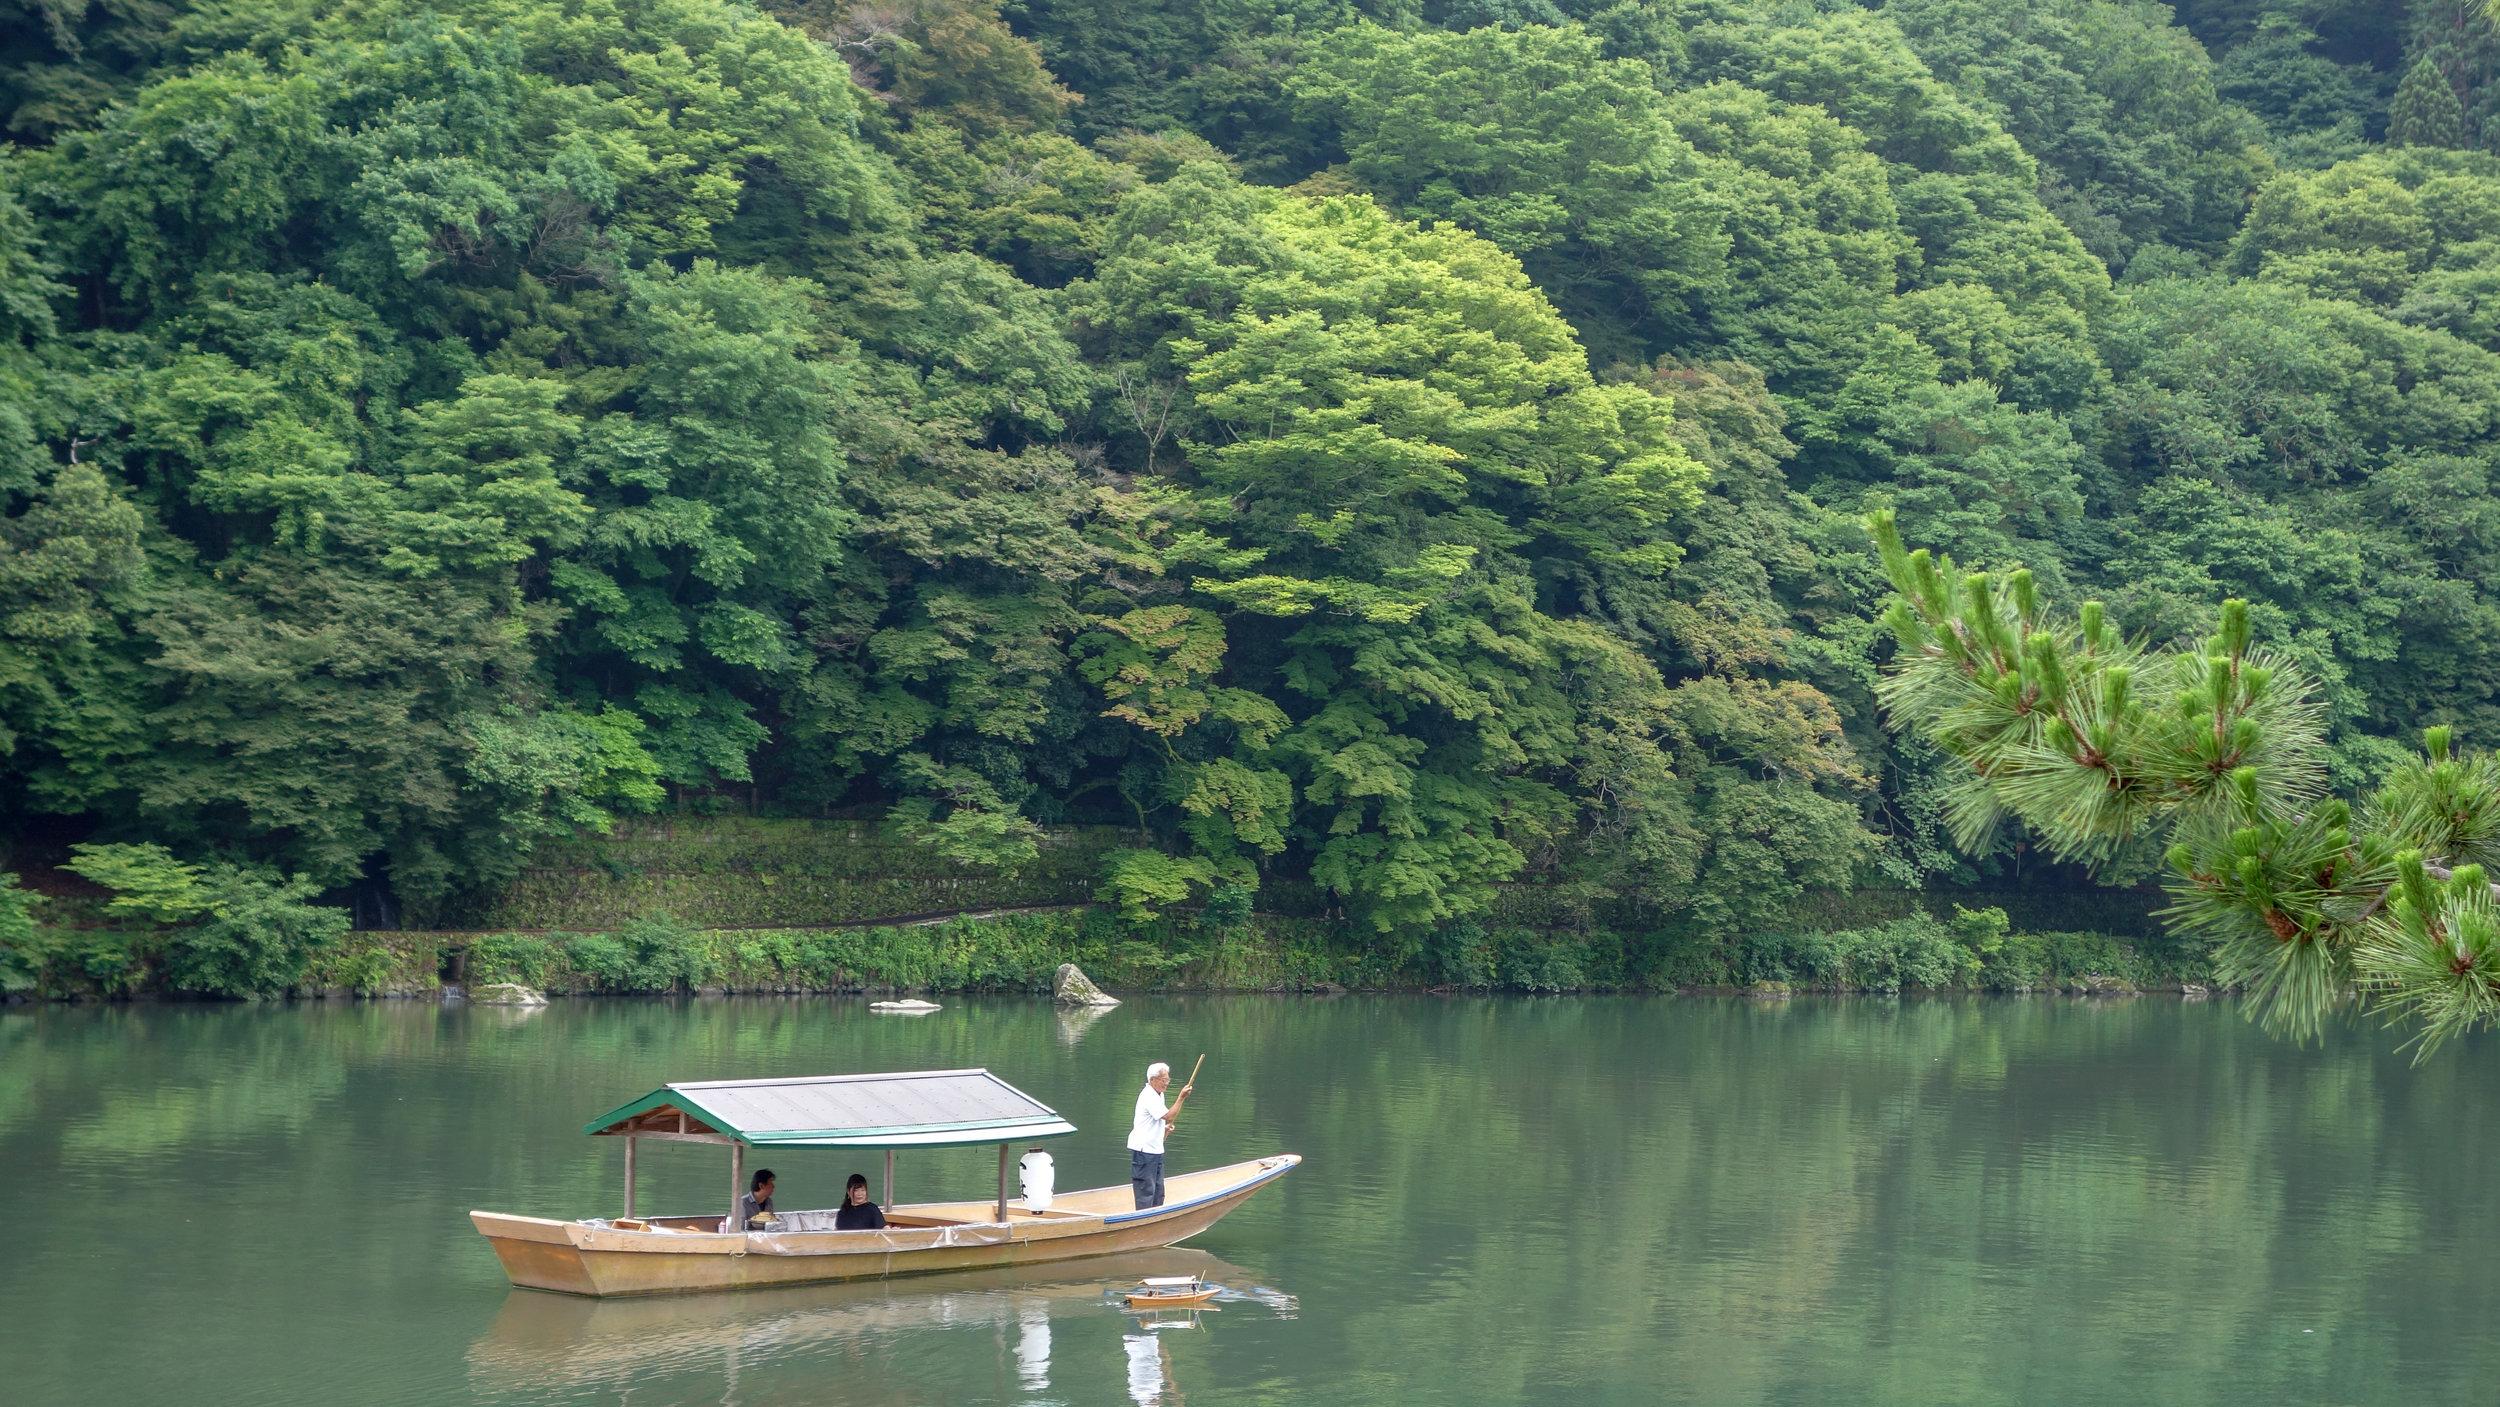 arashiyama-bamboo-grove.jpg